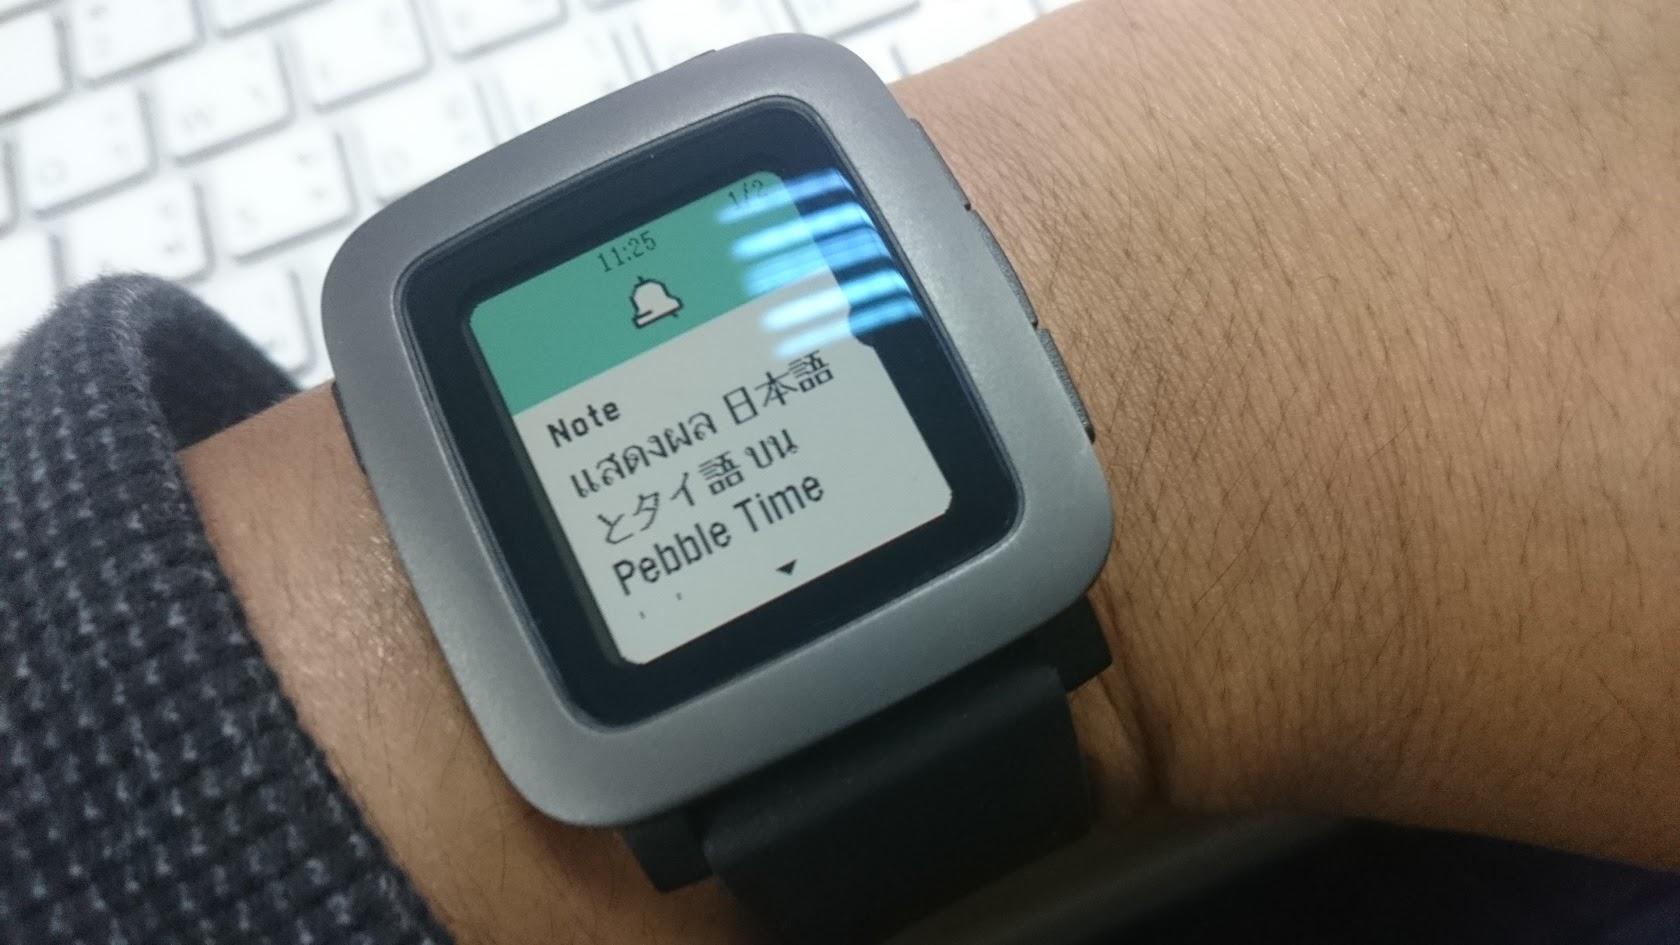 ทำให้ Pebble Time แสดงผลภาษาไทย + ญี่ปุ่น